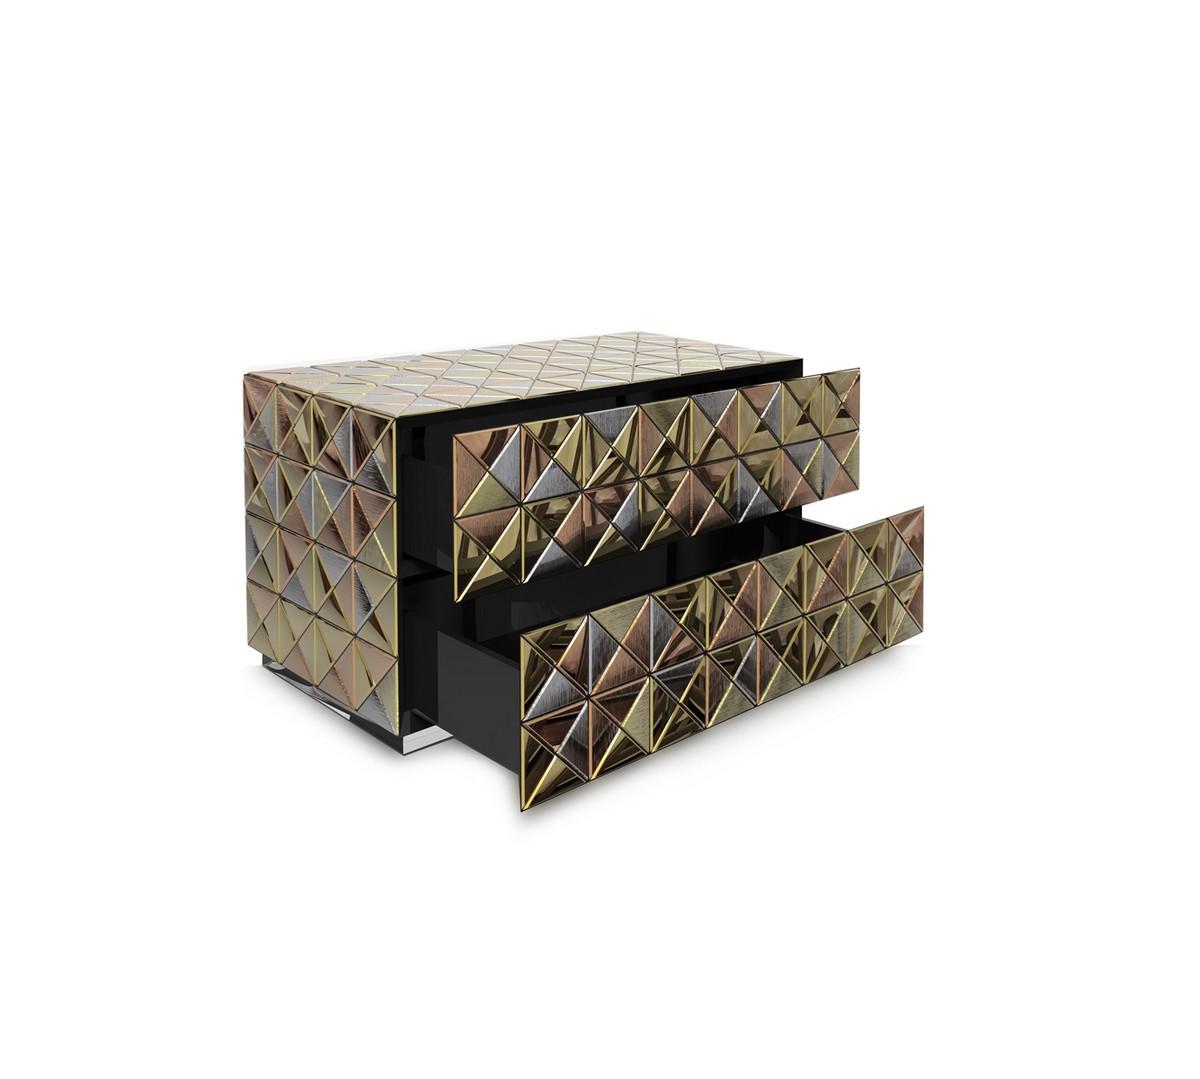 Top Contemporary Nightstands contemporary nightstands Top Contemporary Nightstands pixel2